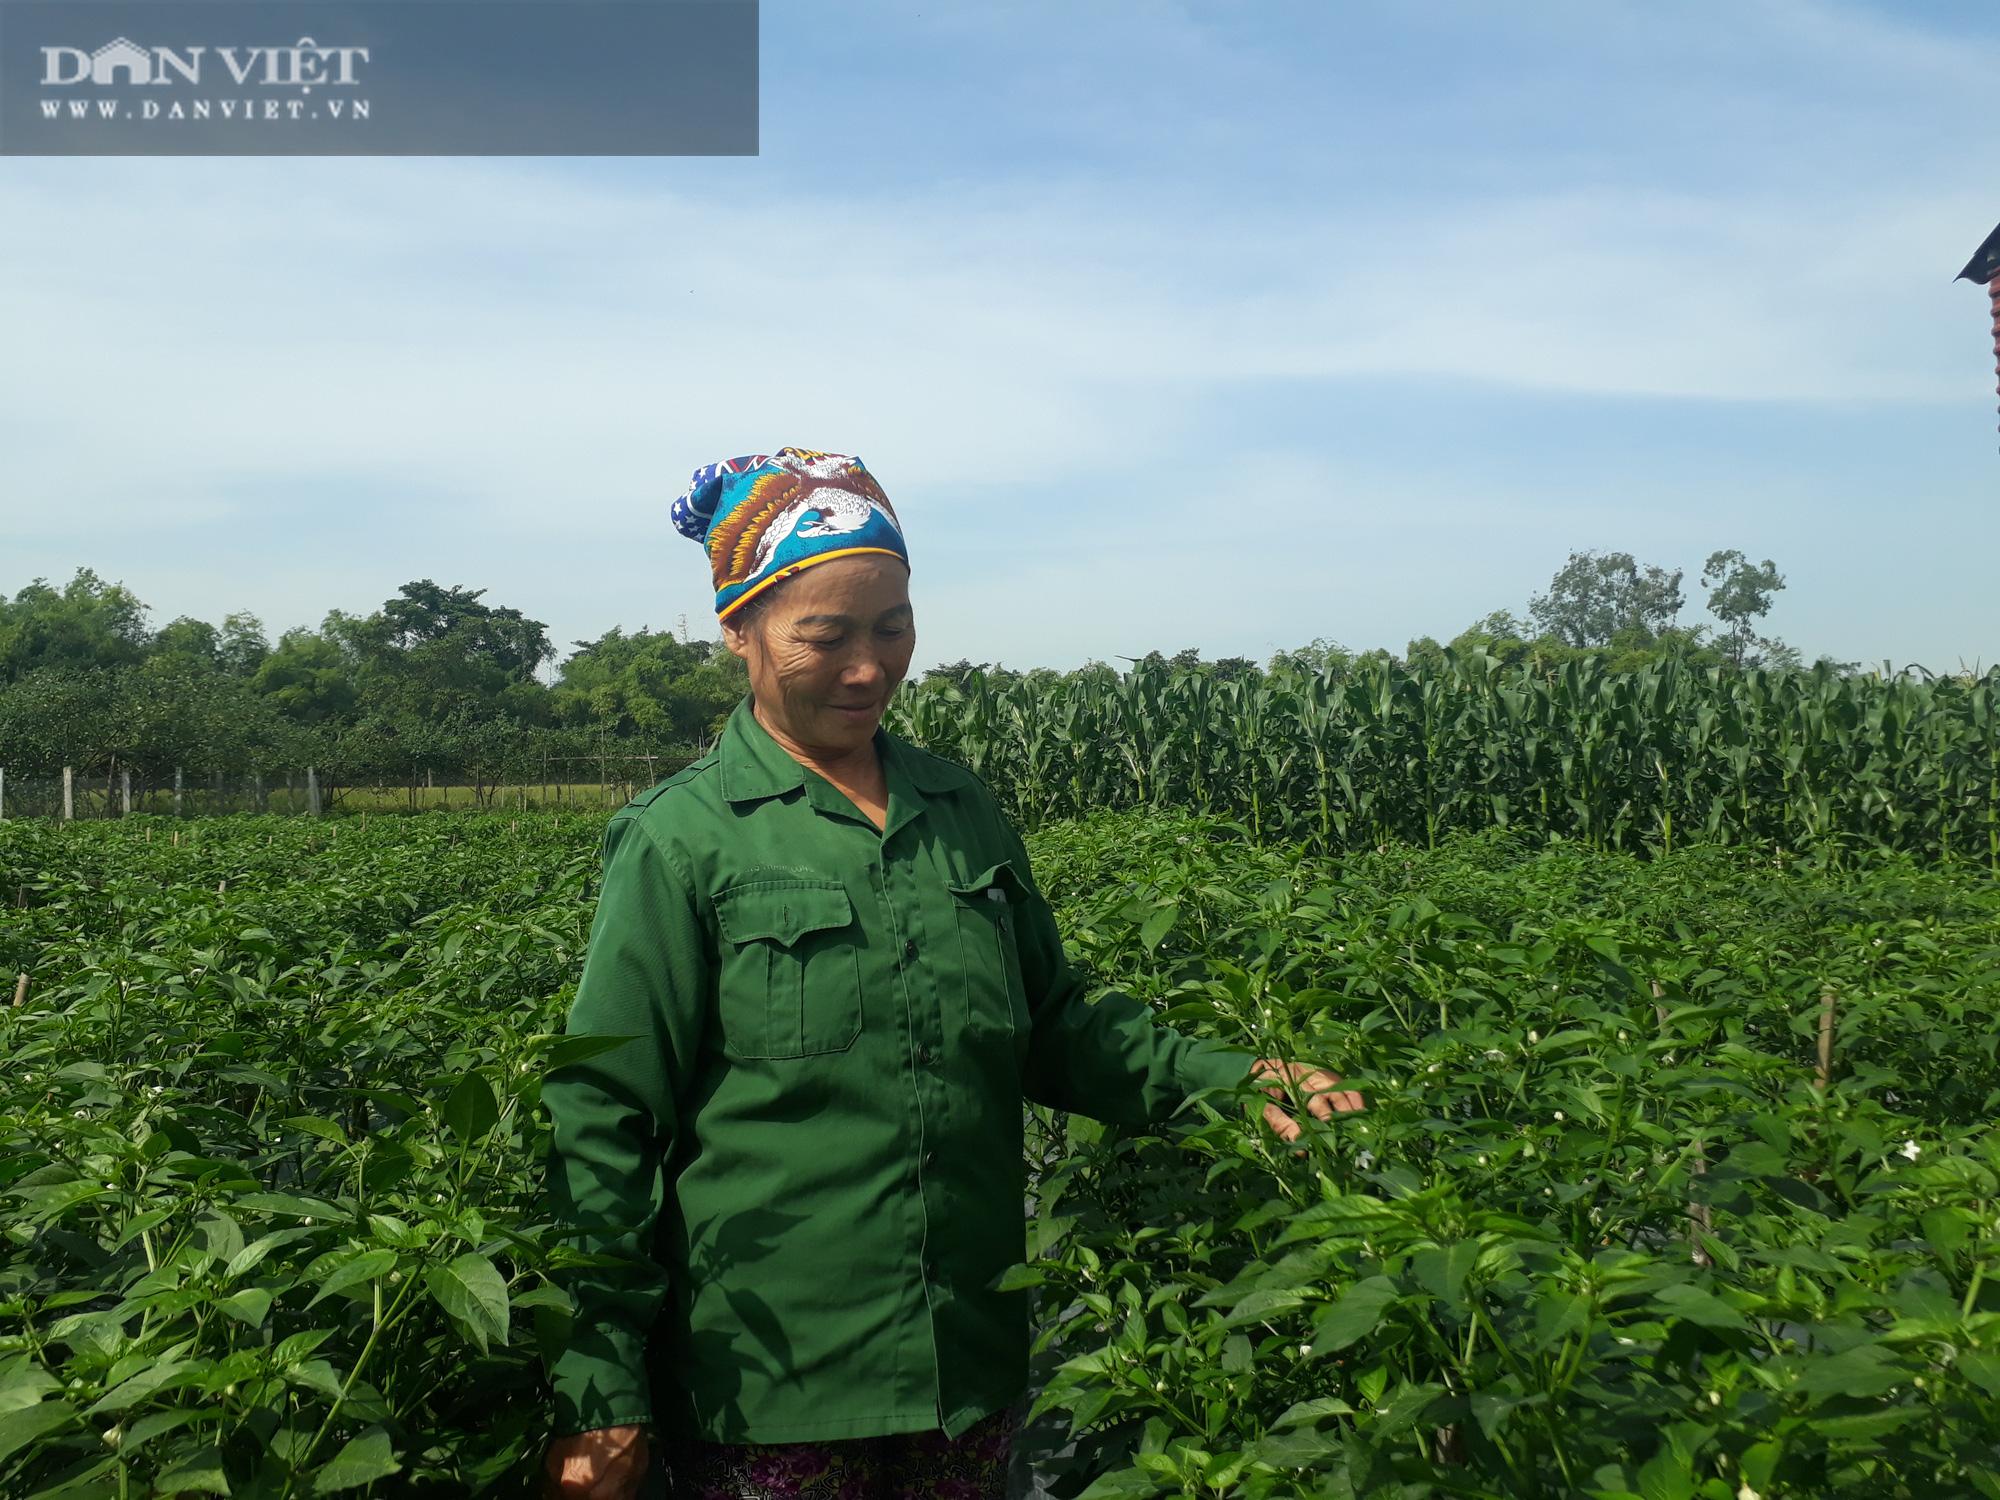 Ớt được mùa được giá, nhiều nông dân ở Thái Nguyên trúng đậm - Ảnh 5.